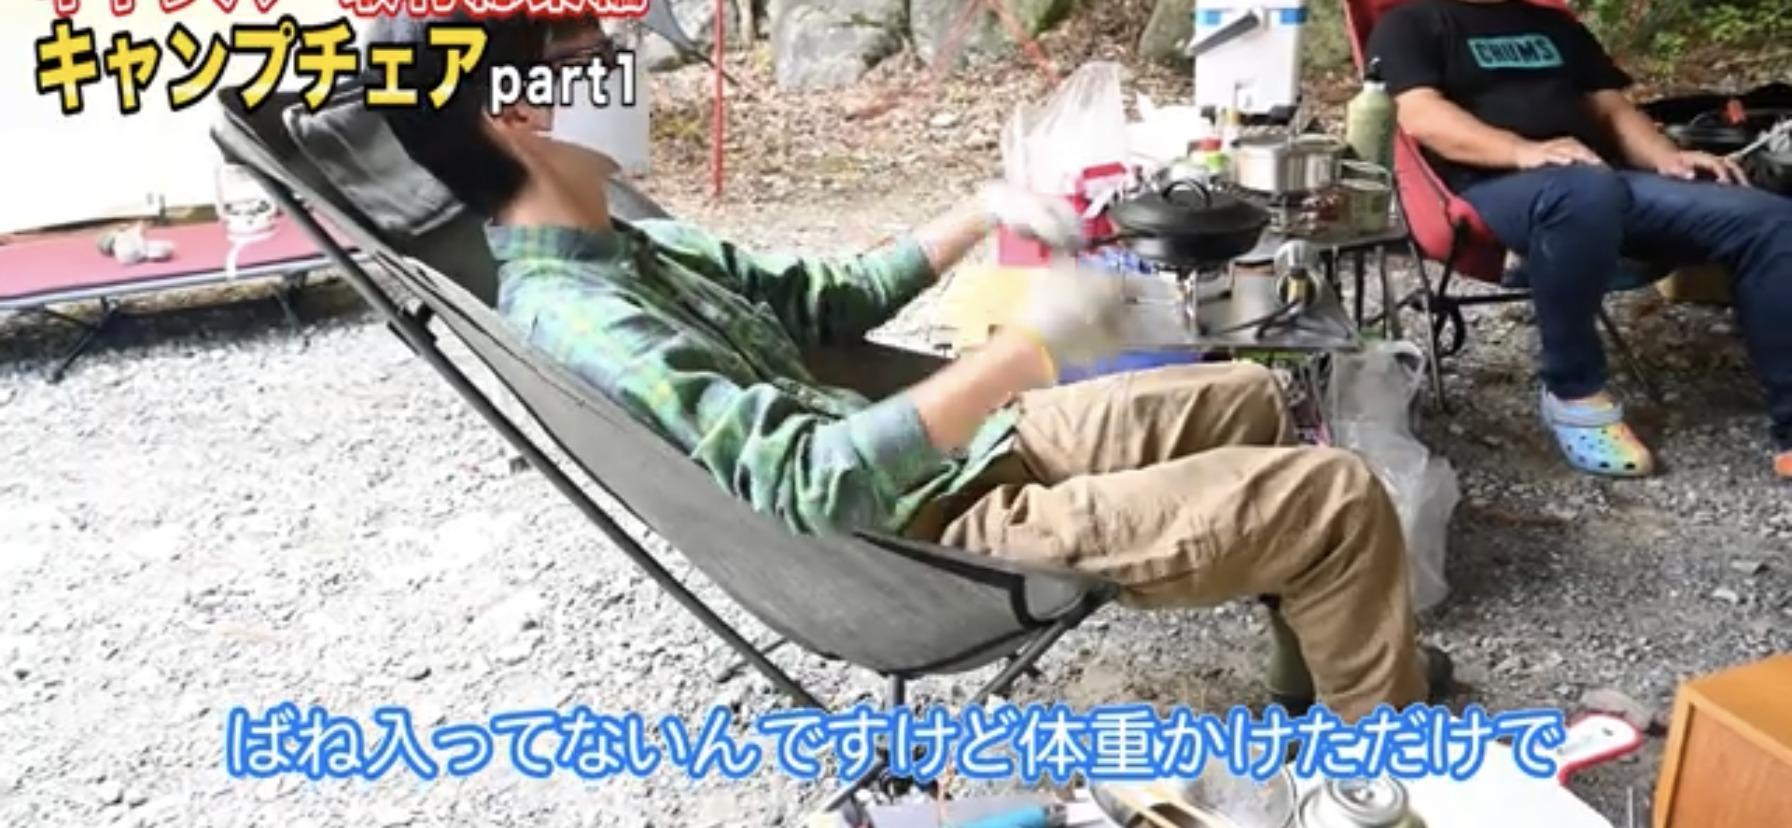 【クオルツ(Qualz)】 ハイバックローチェア